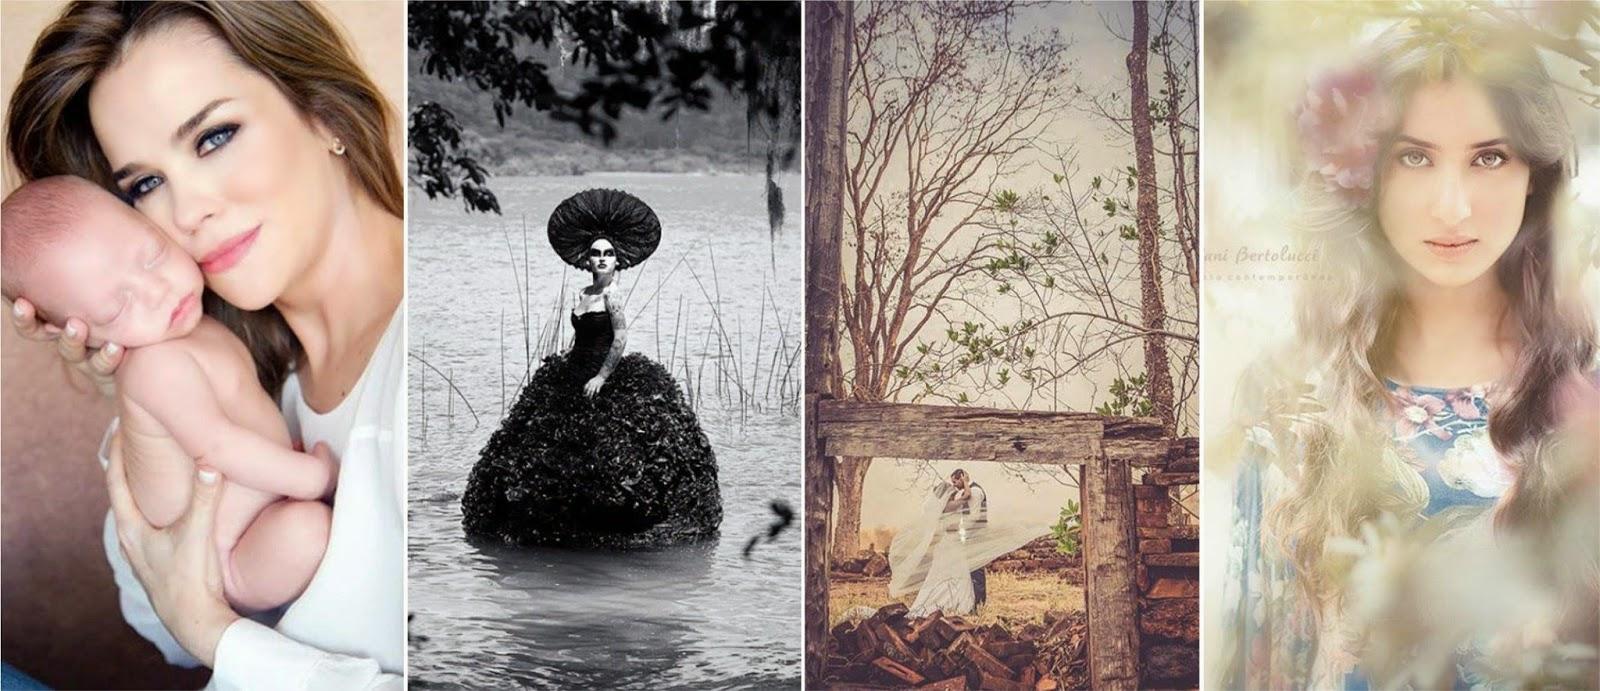 Concurso fotografico clarin 2010 27